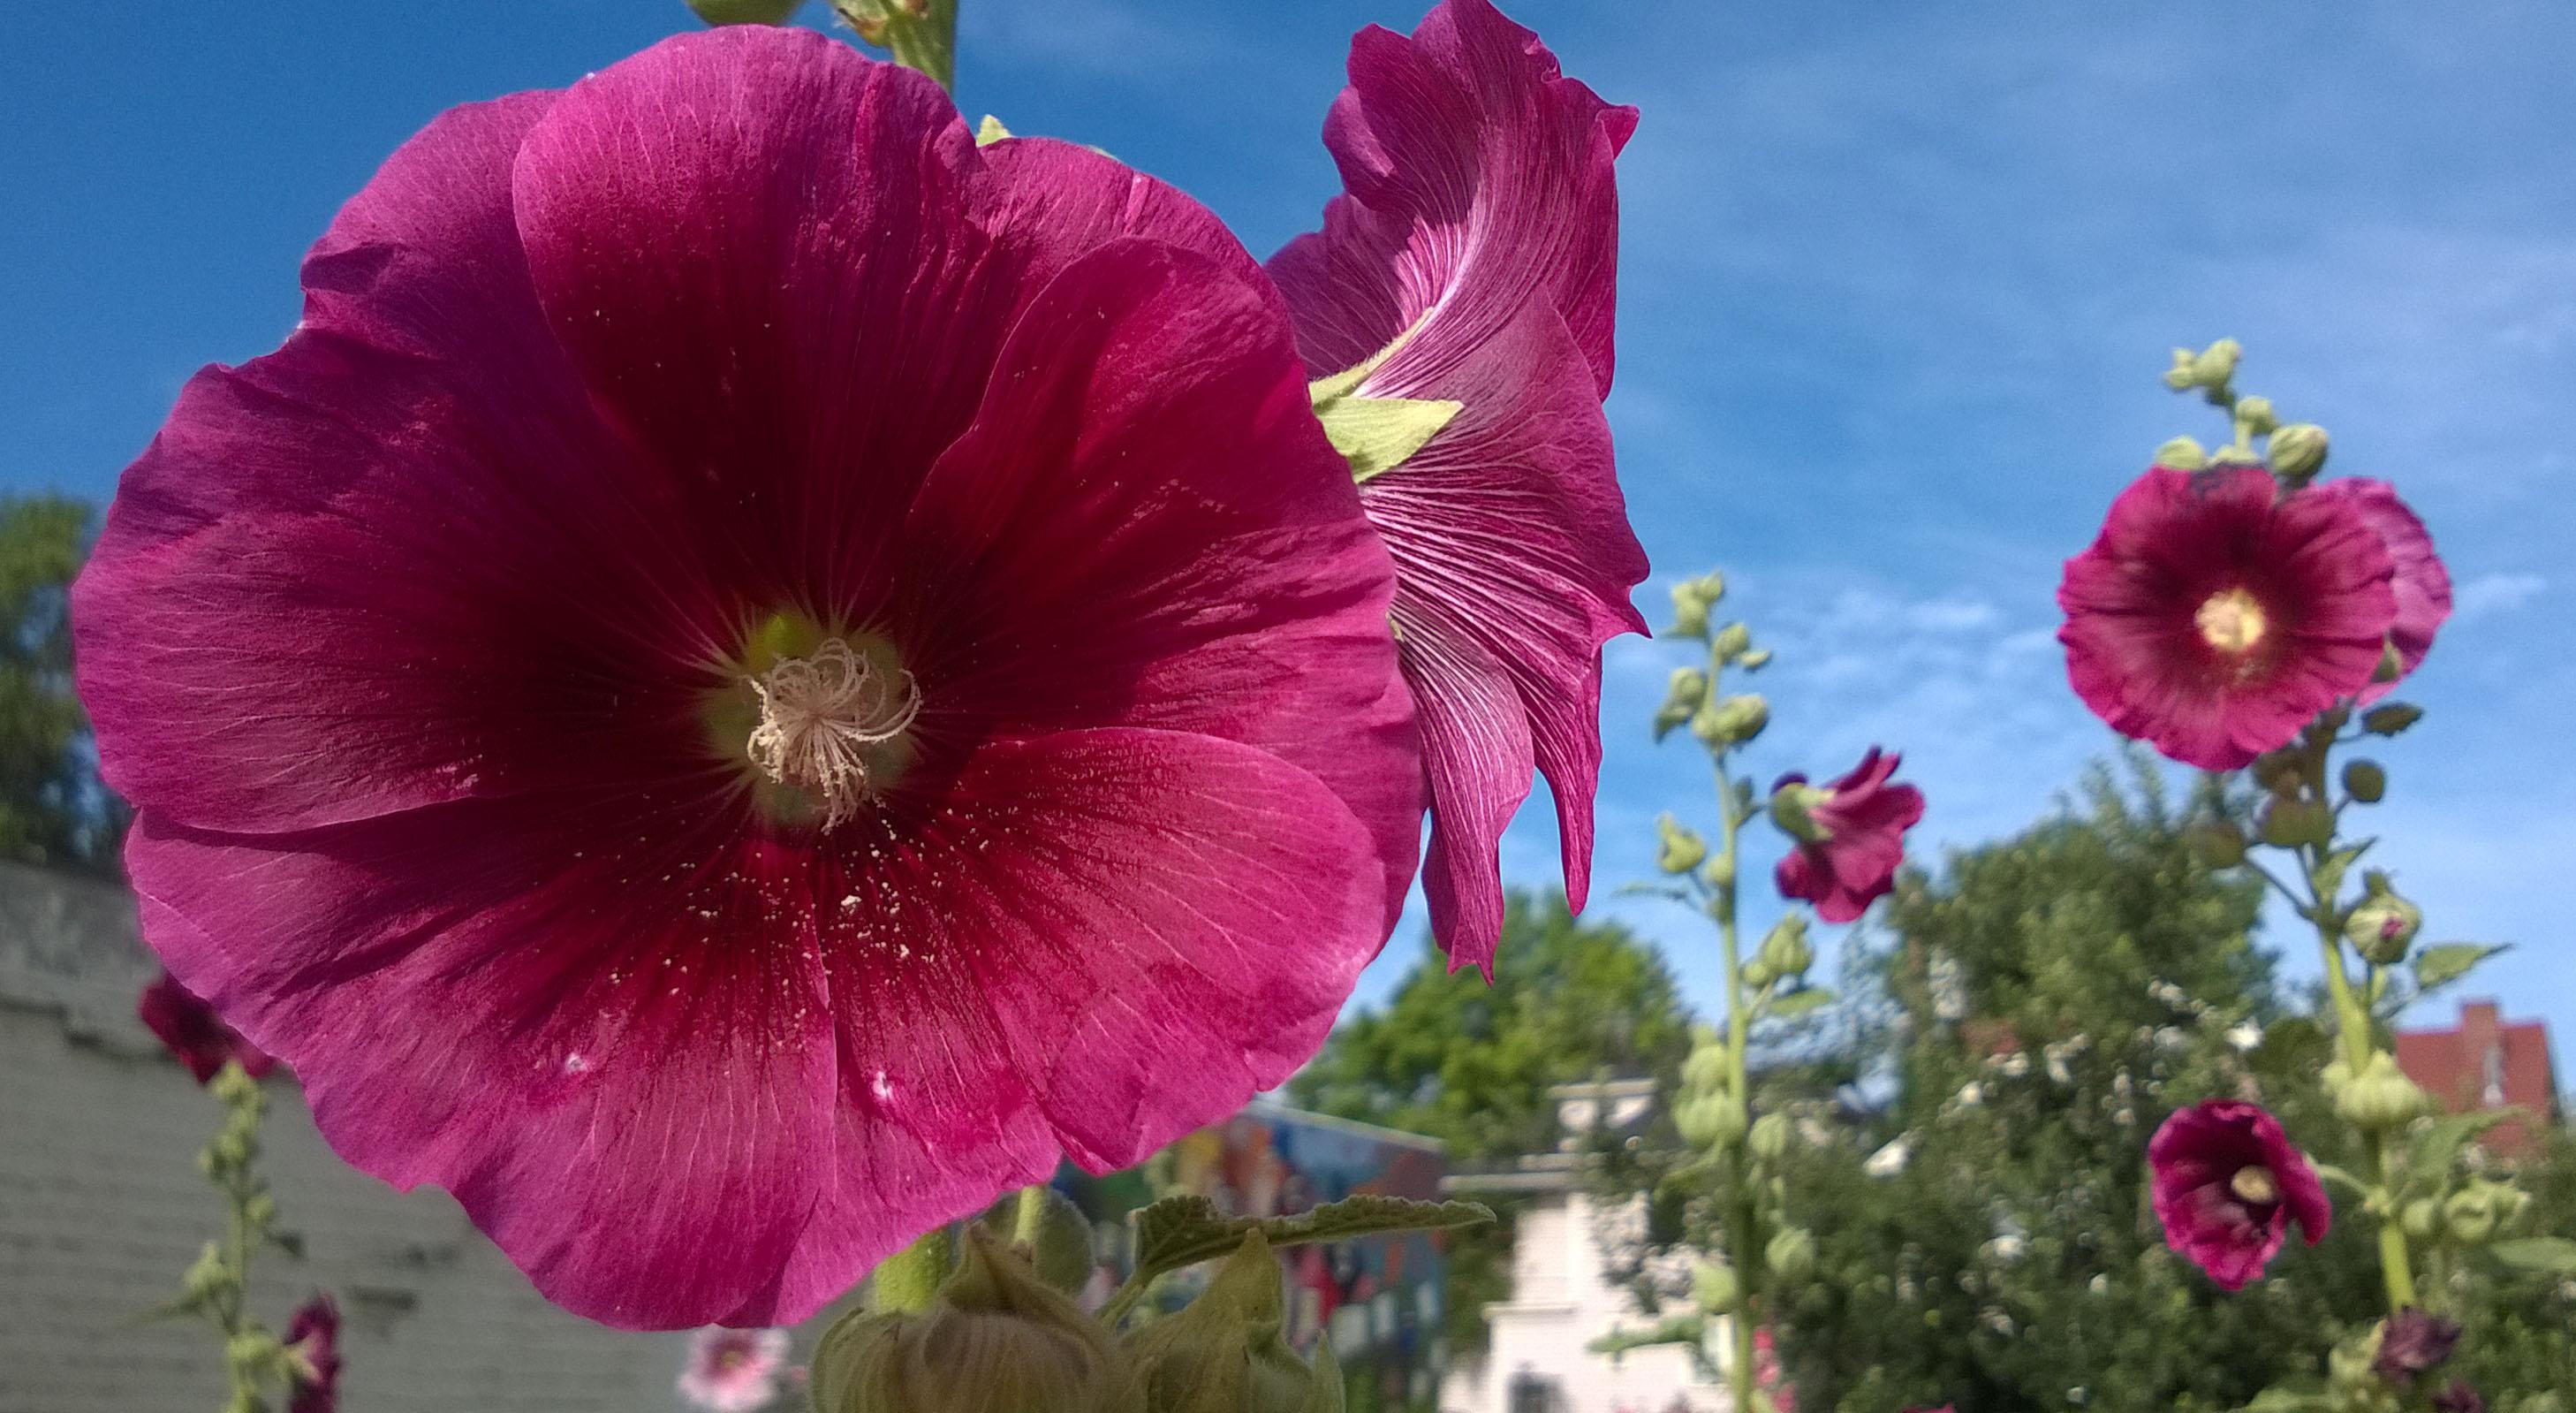 purplish-red hibiscus